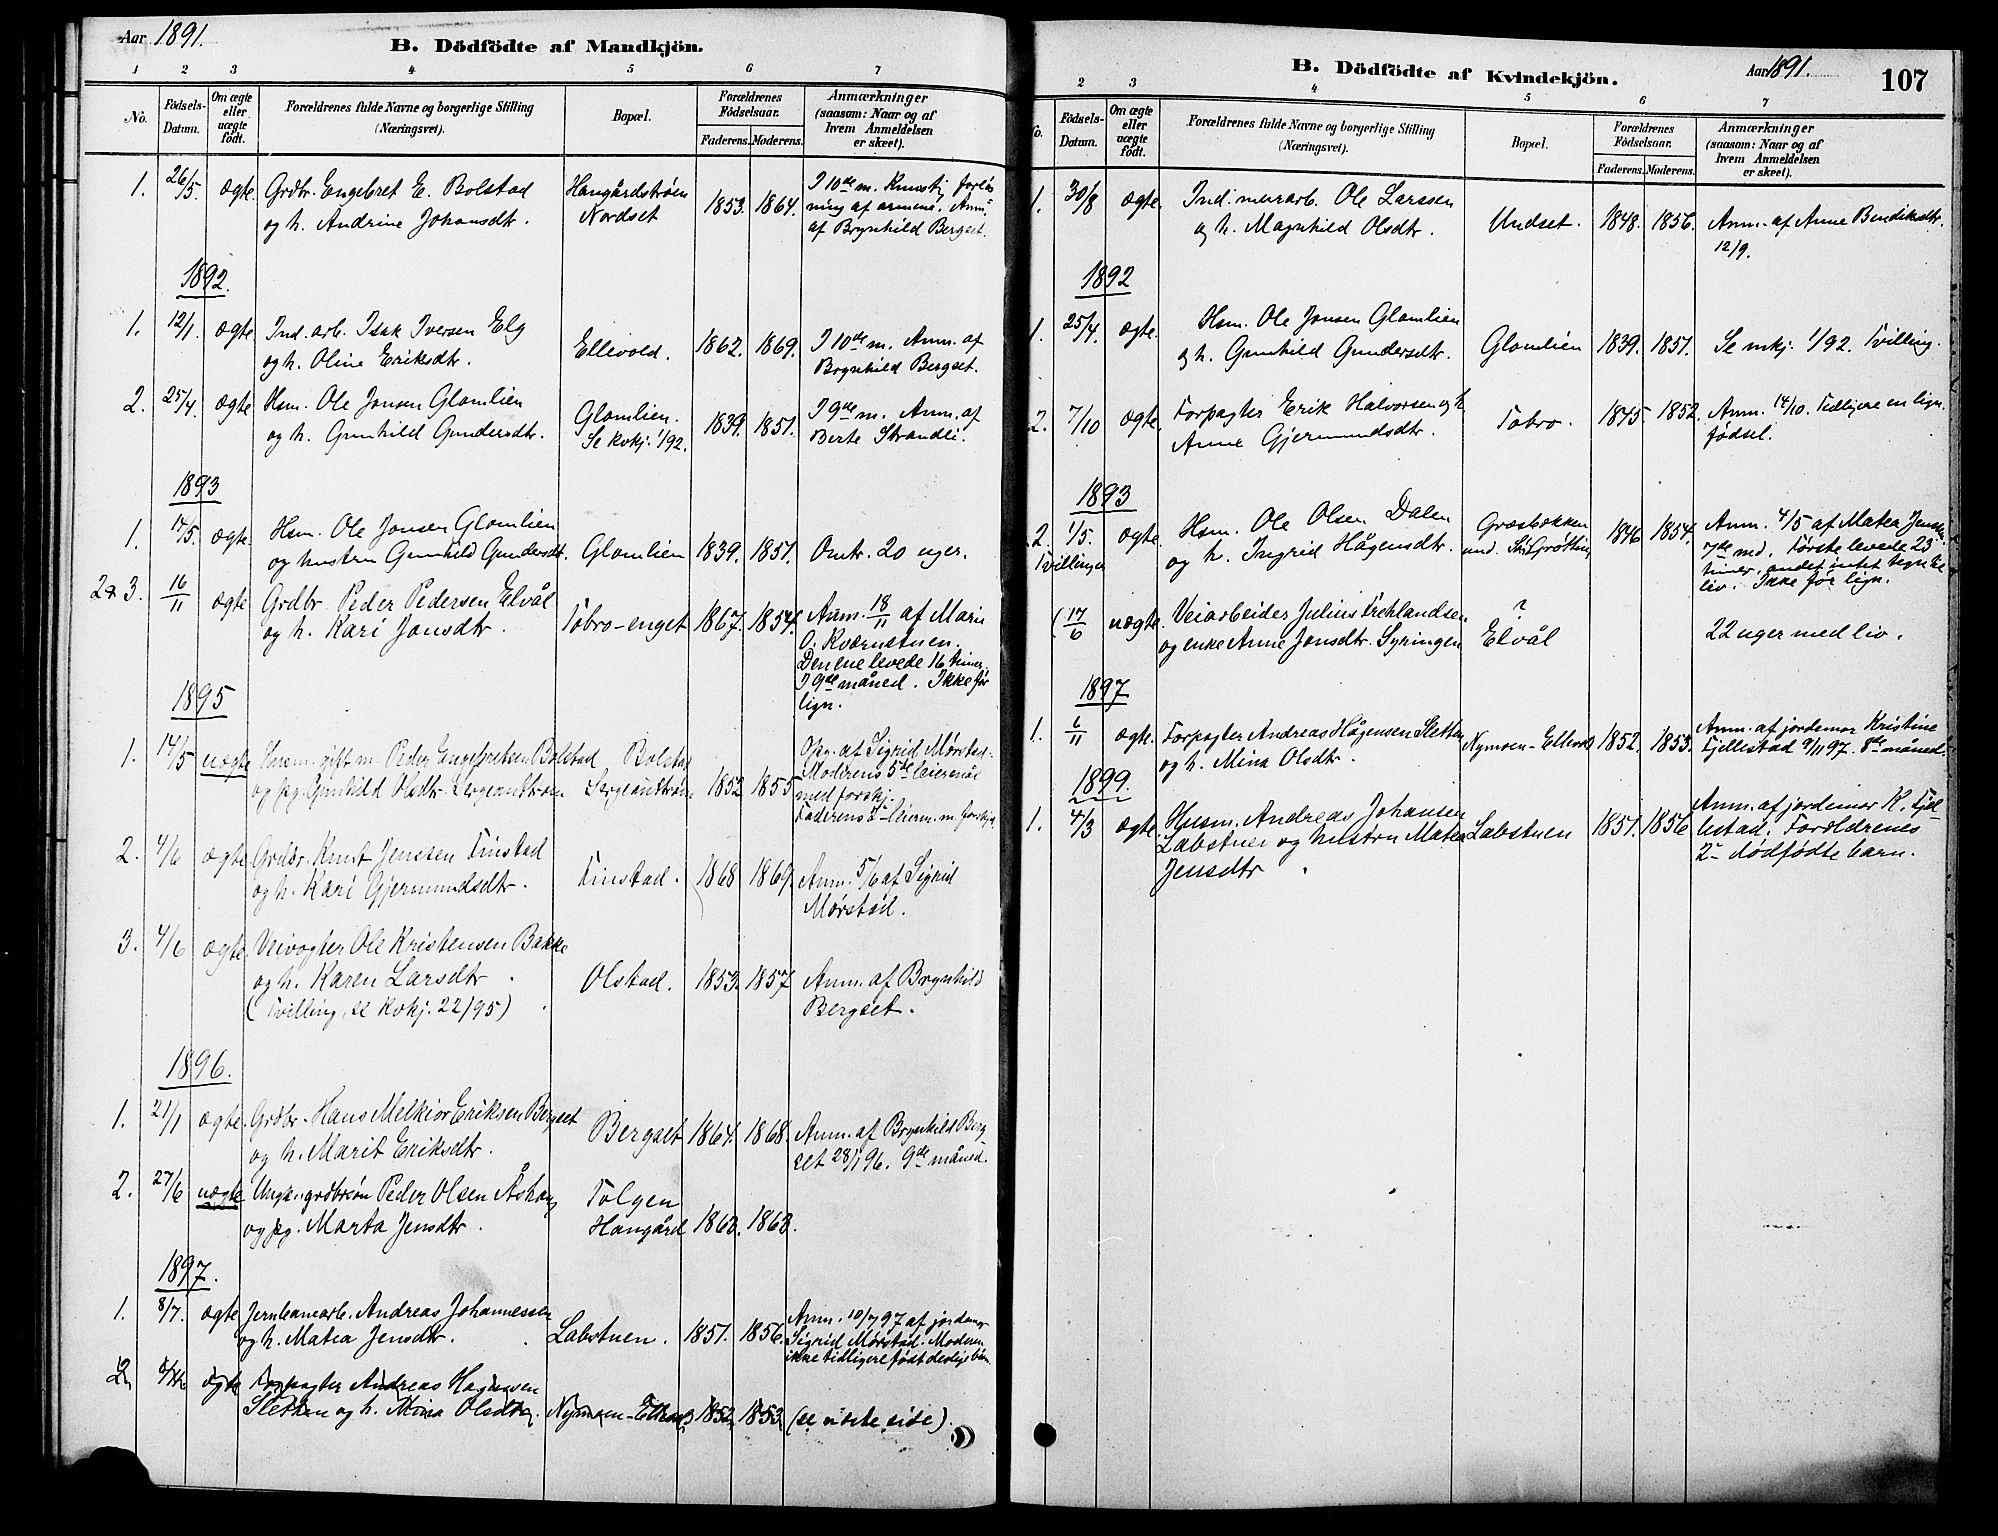 SAH, Rendalen prestekontor, H/Ha/Hab/L0003: Klokkerbok nr. 3, 1879-1904, s. 107